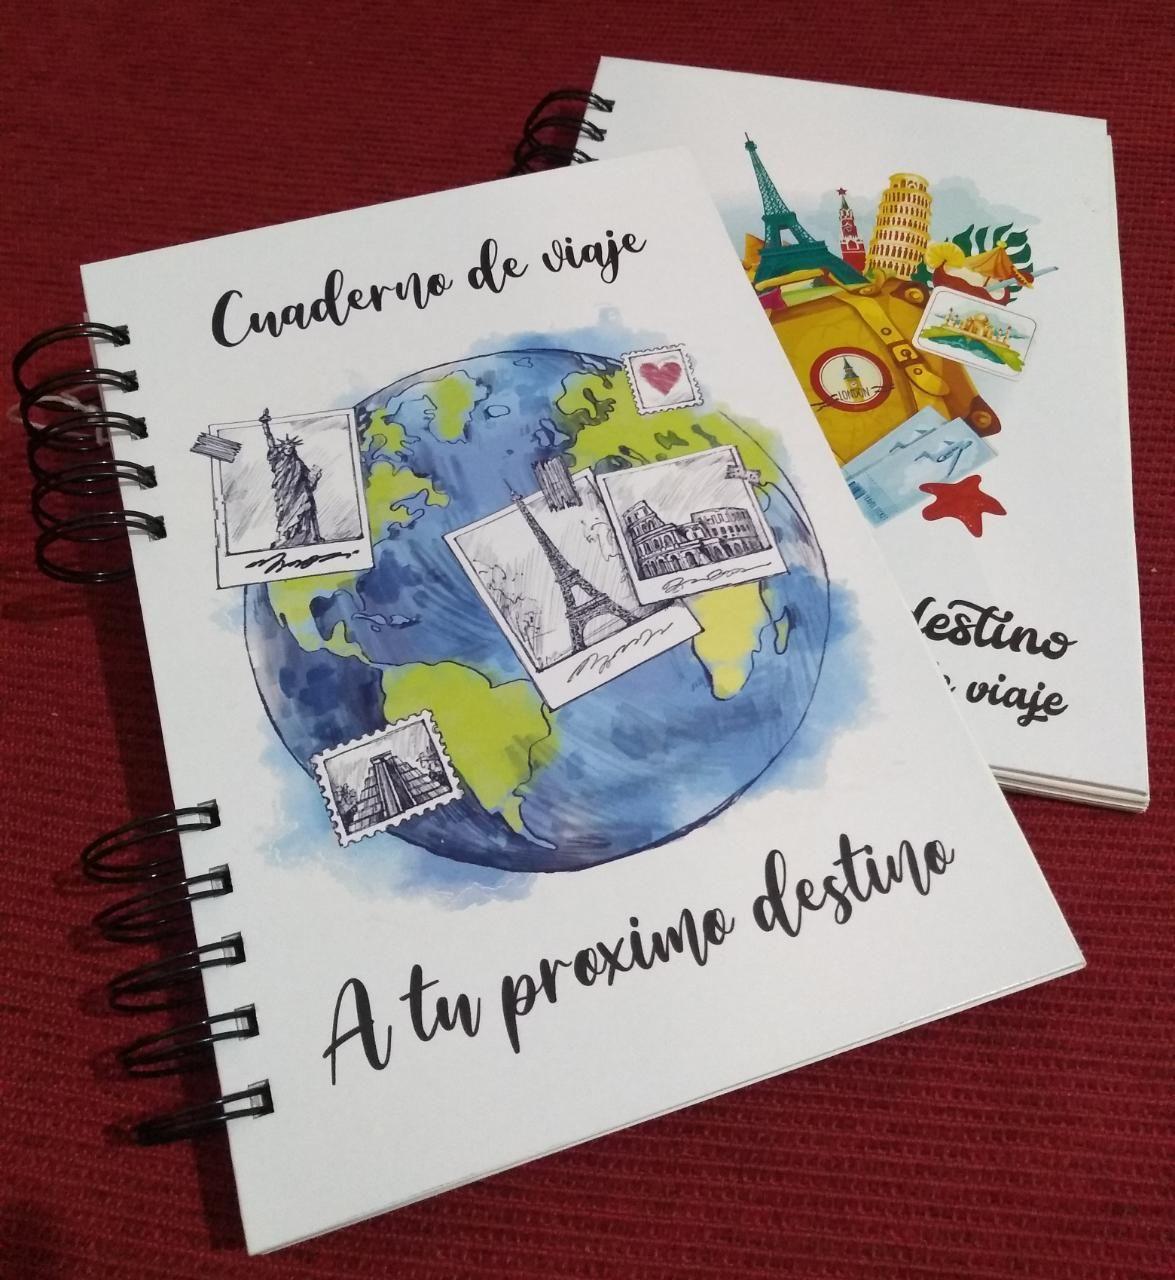 Cuaderno De Viaje Cuaderno De Viajes Libro De Recuerdos De Viaje Libros De Viajes